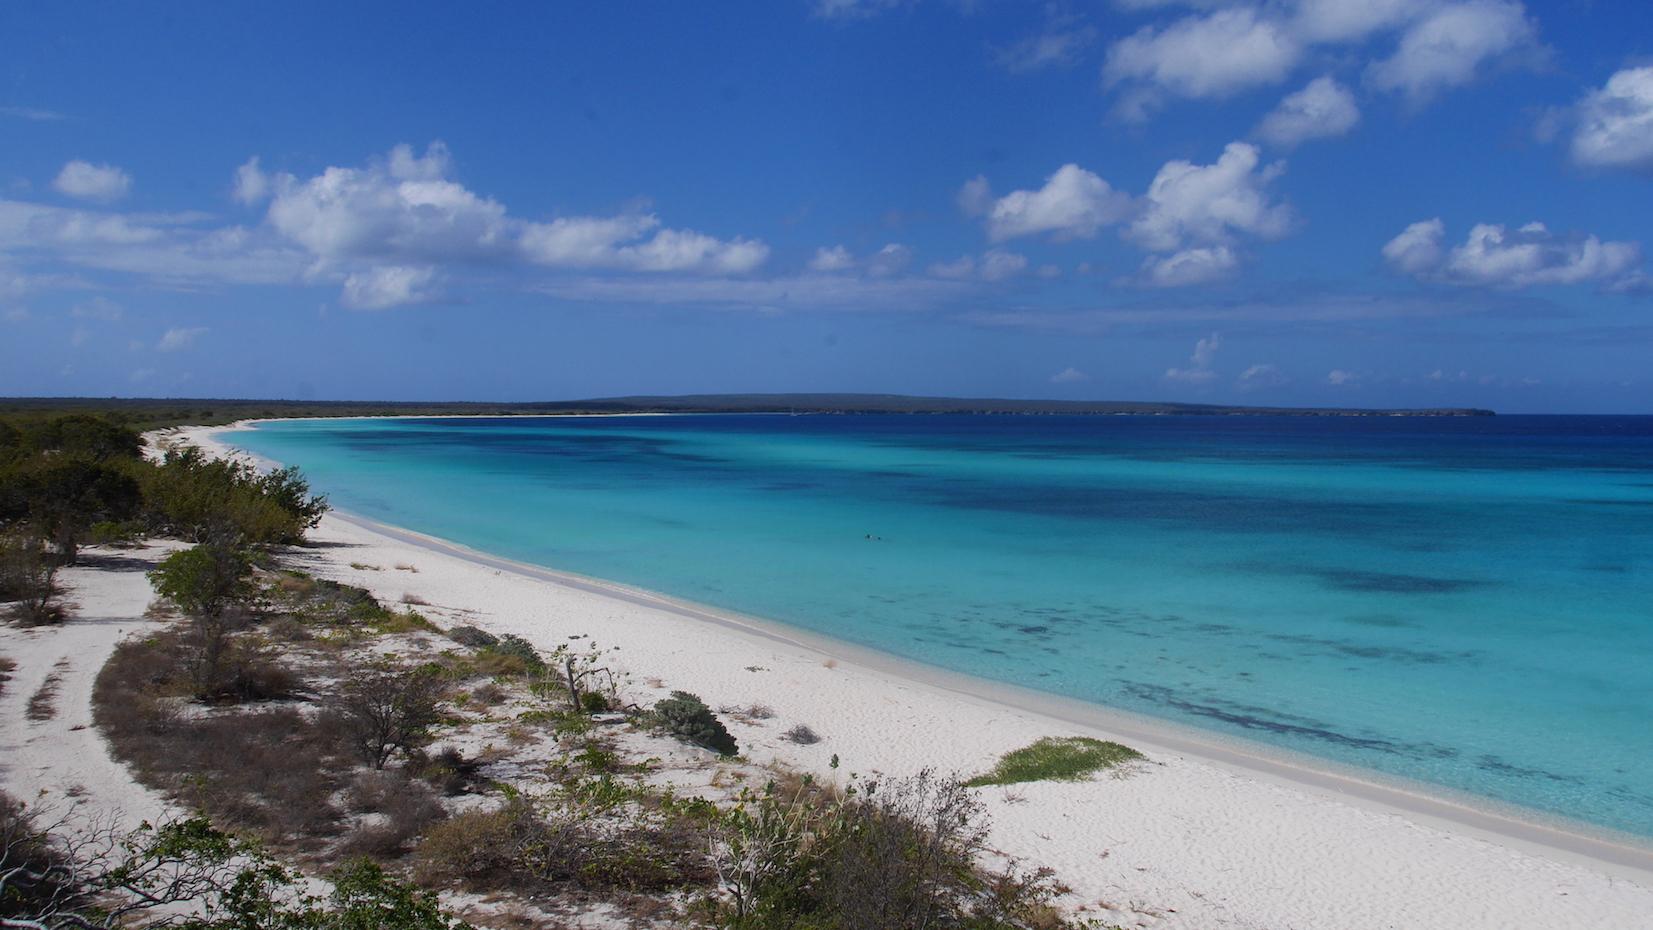 На фото пляж Байя-де-лас-Агилас